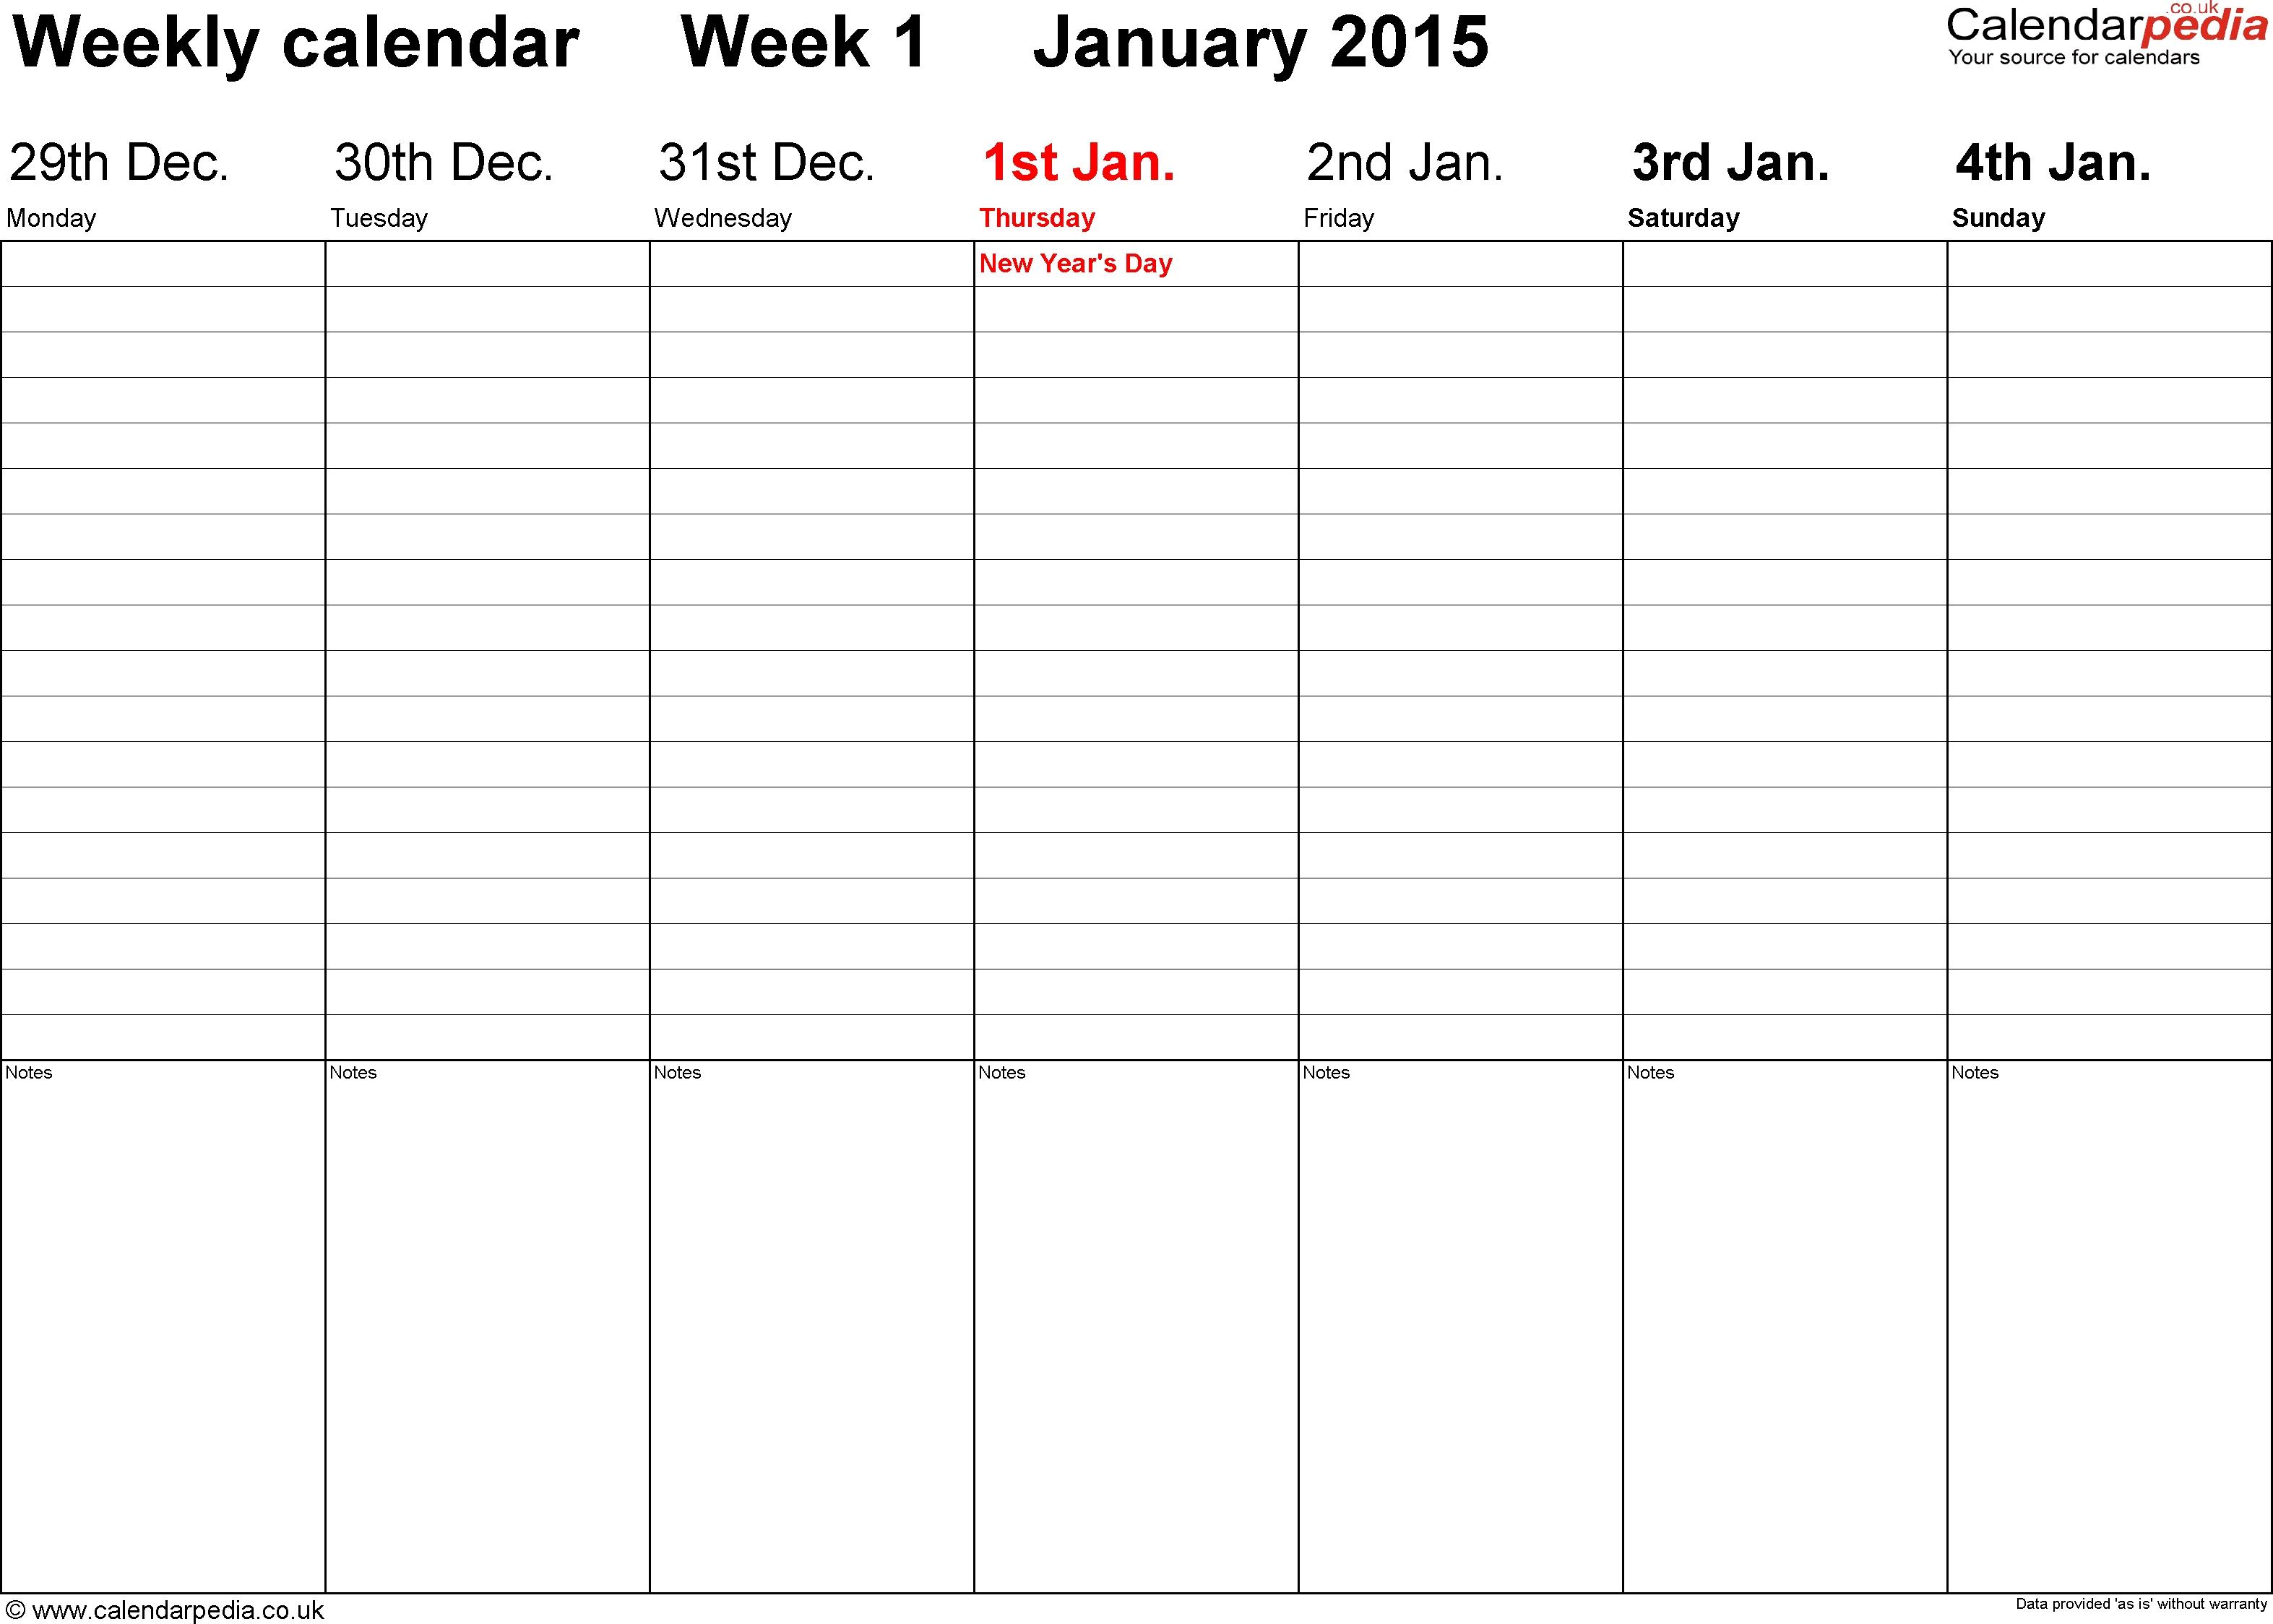 Schedule Template Week Blank Calendar Printable Free | Smorad with regard to Free 2 Week Blank Printable Calendar